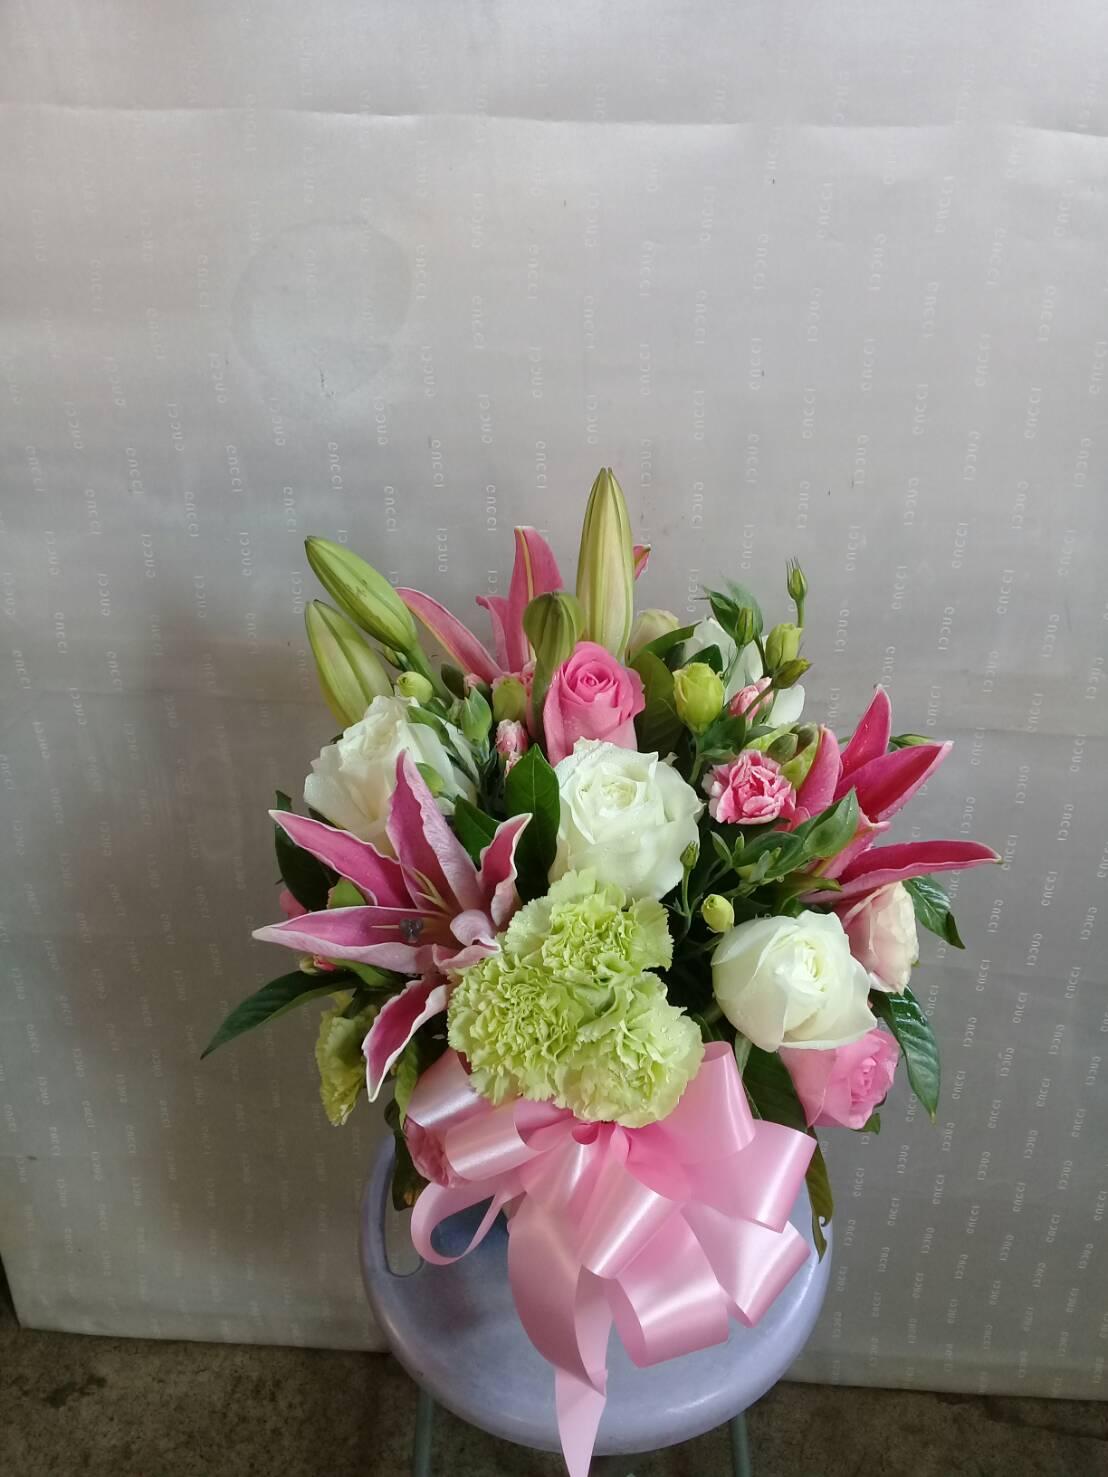 แจกันดอกไม้สวย ๆ นำกุหลาบ ลิลลี่ คาร์เนชั่น และสวอนแพลนท์ มาจัด